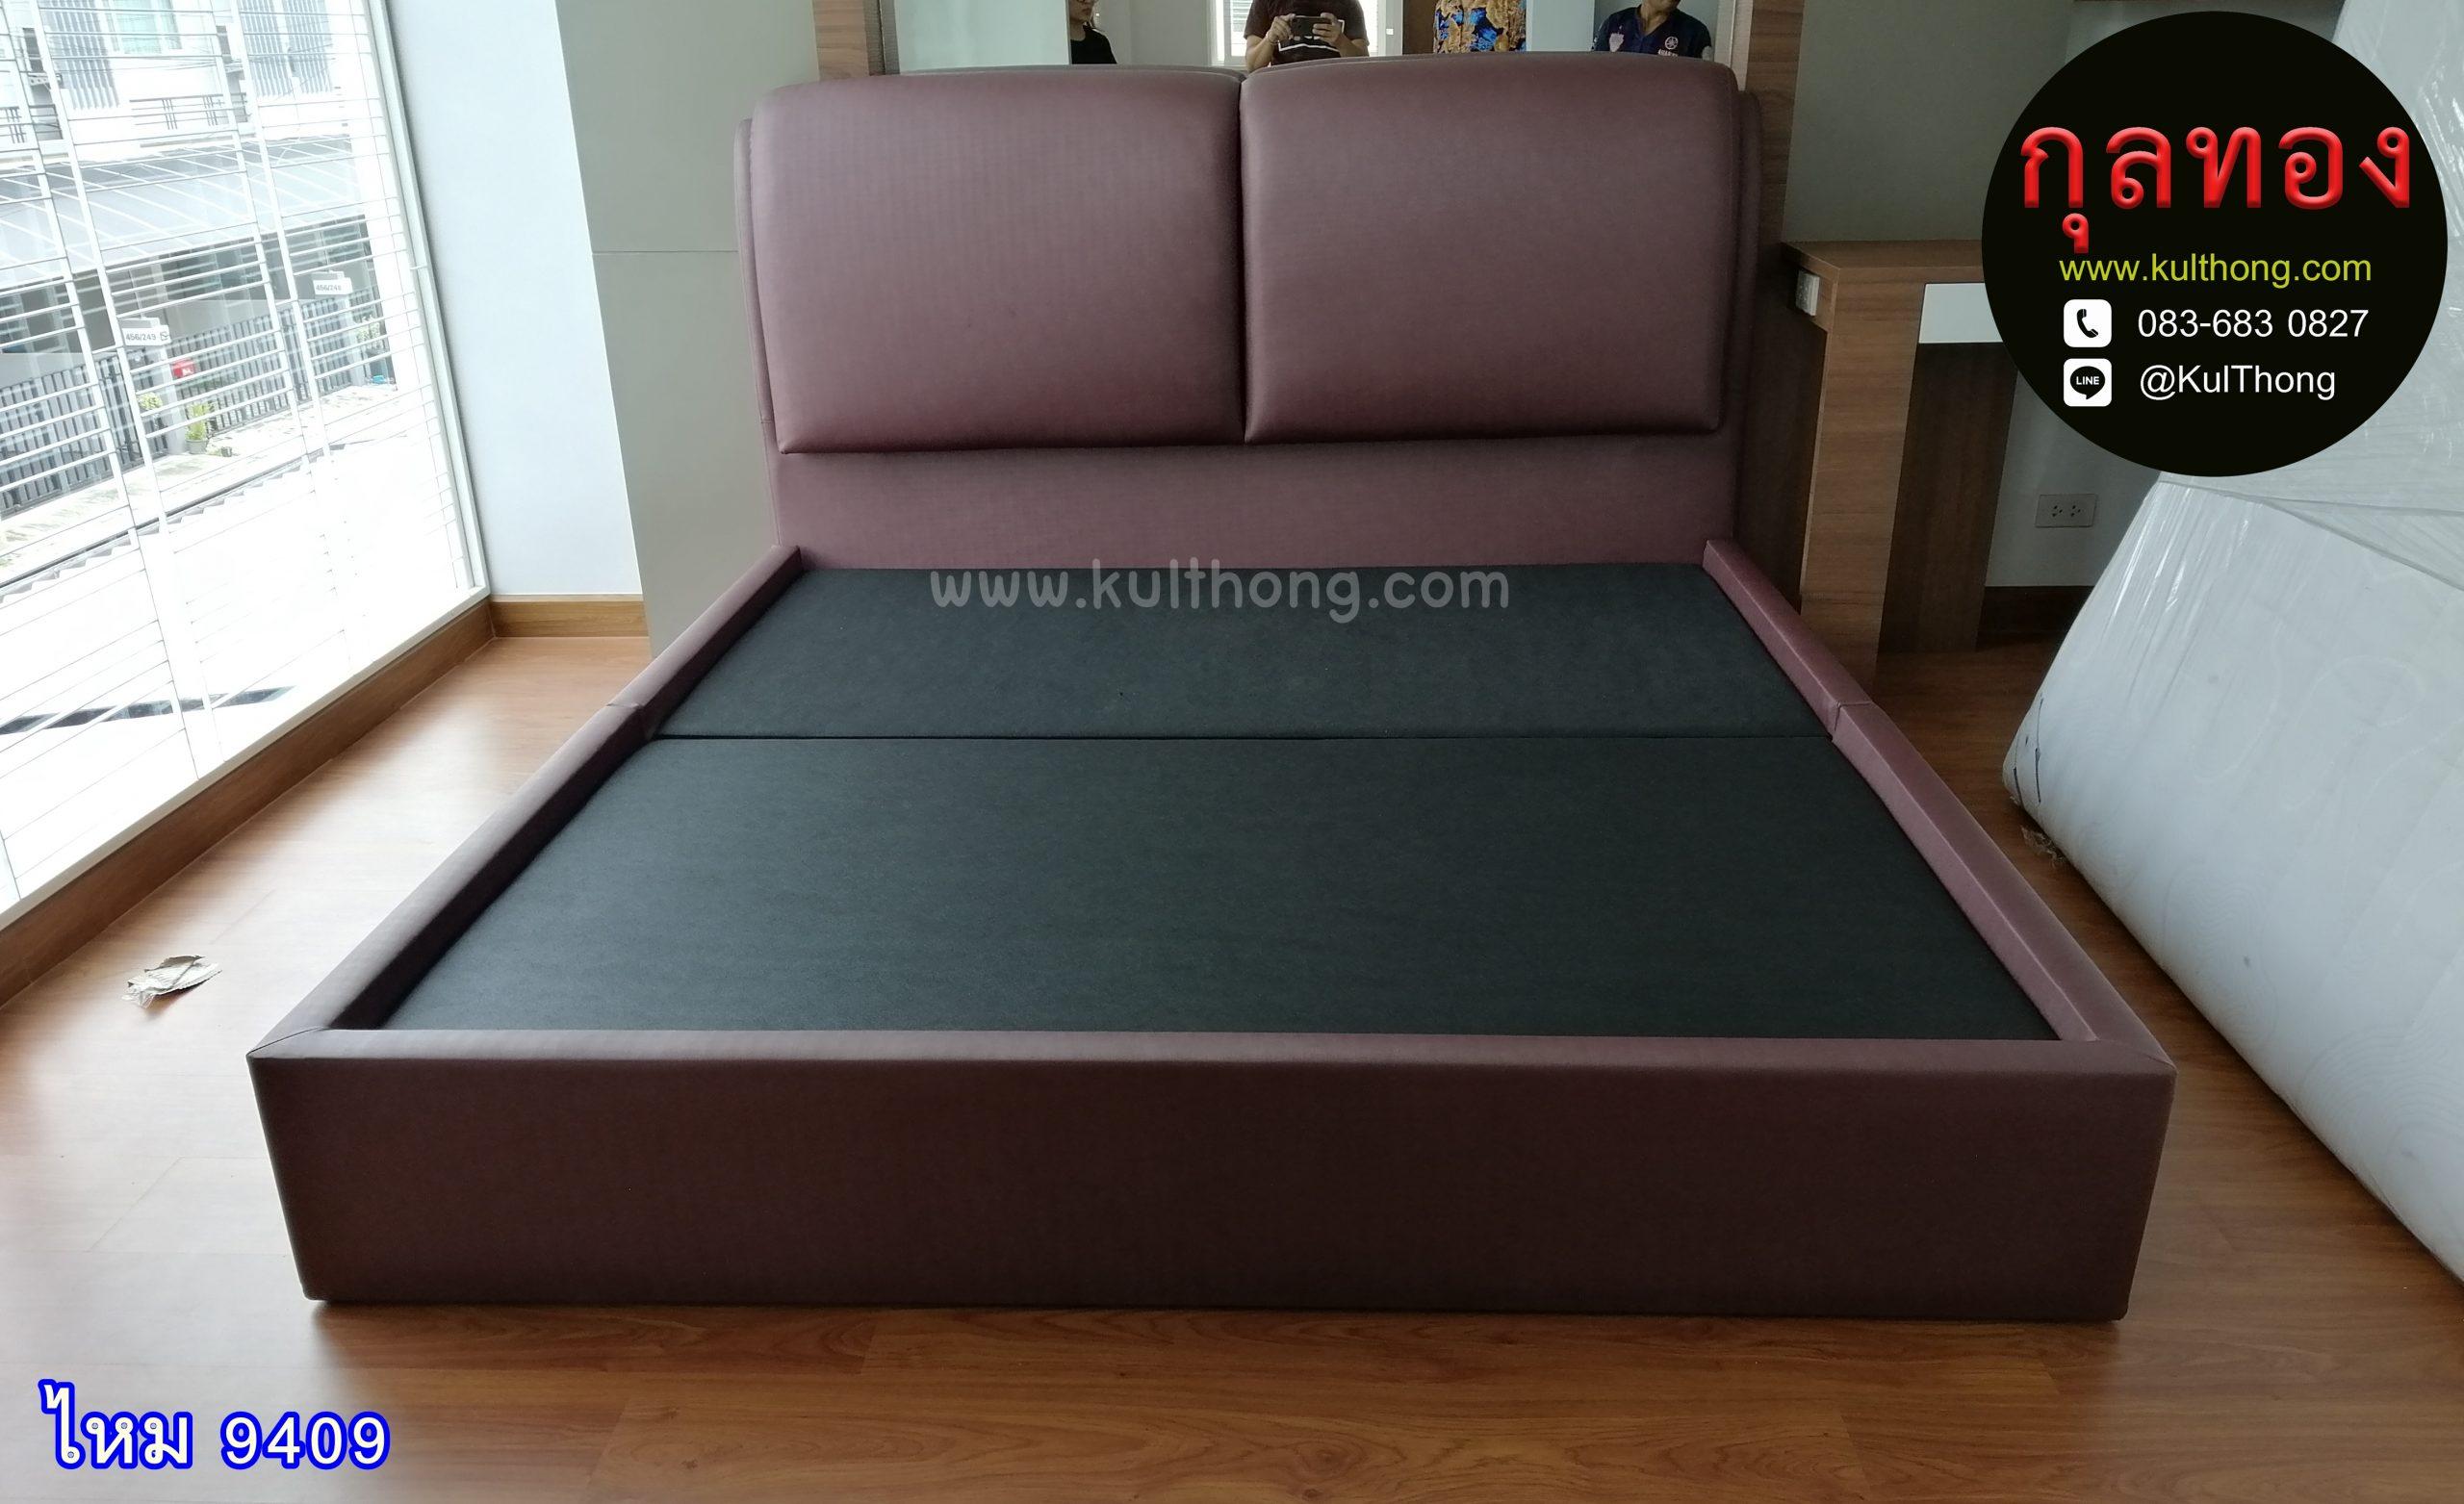 เตียงหัวบุนวม เตียงดึงกระดุม เตียงหุ้มหนัง ฐานรองที่นอน เตียงเก็บของ